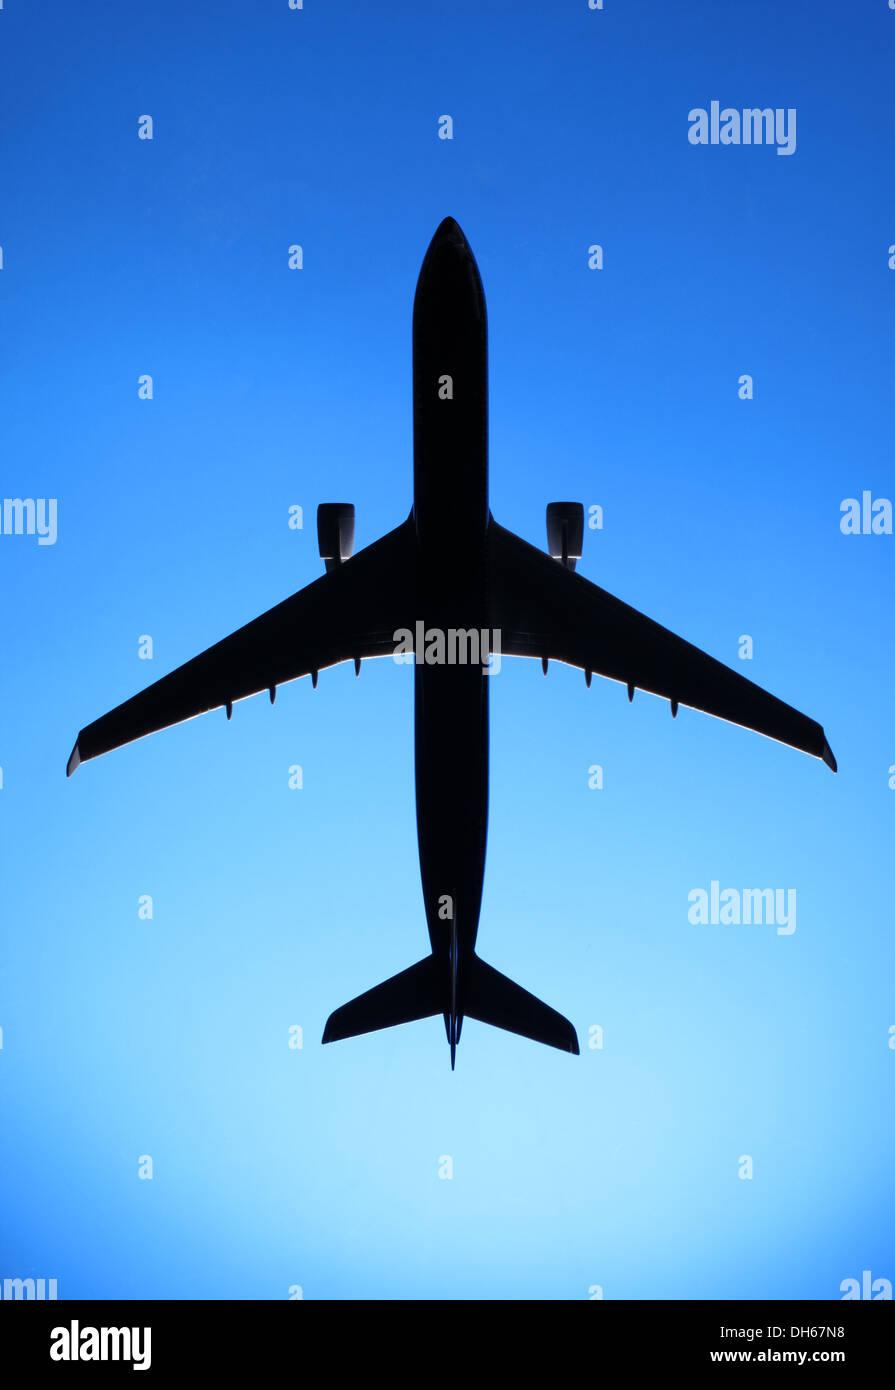 Un modèle en plastique d'un avion de vol d'un avion dans le ciel bleu Photo Stock